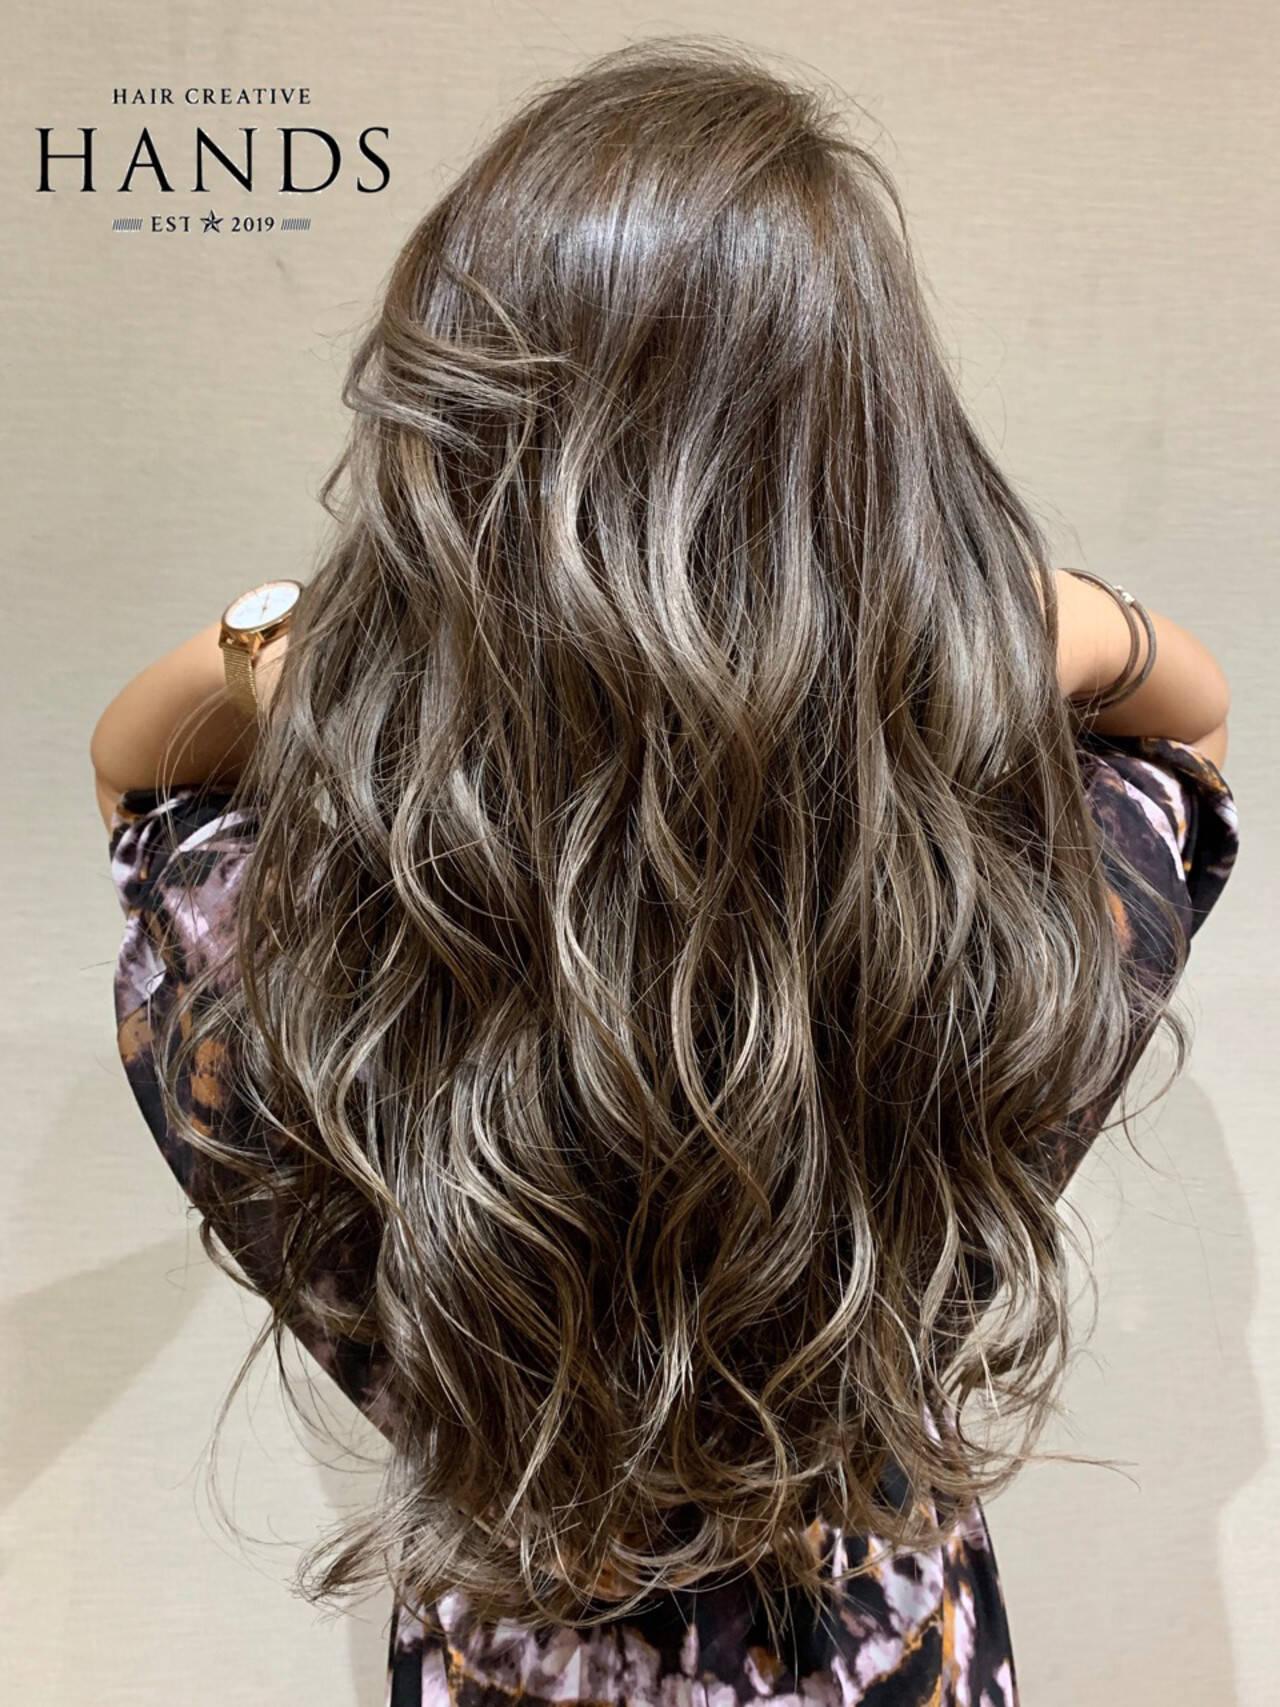 エアータッチ グラデーションカラー ナチュラル ハイライトヘアスタイルや髪型の写真・画像